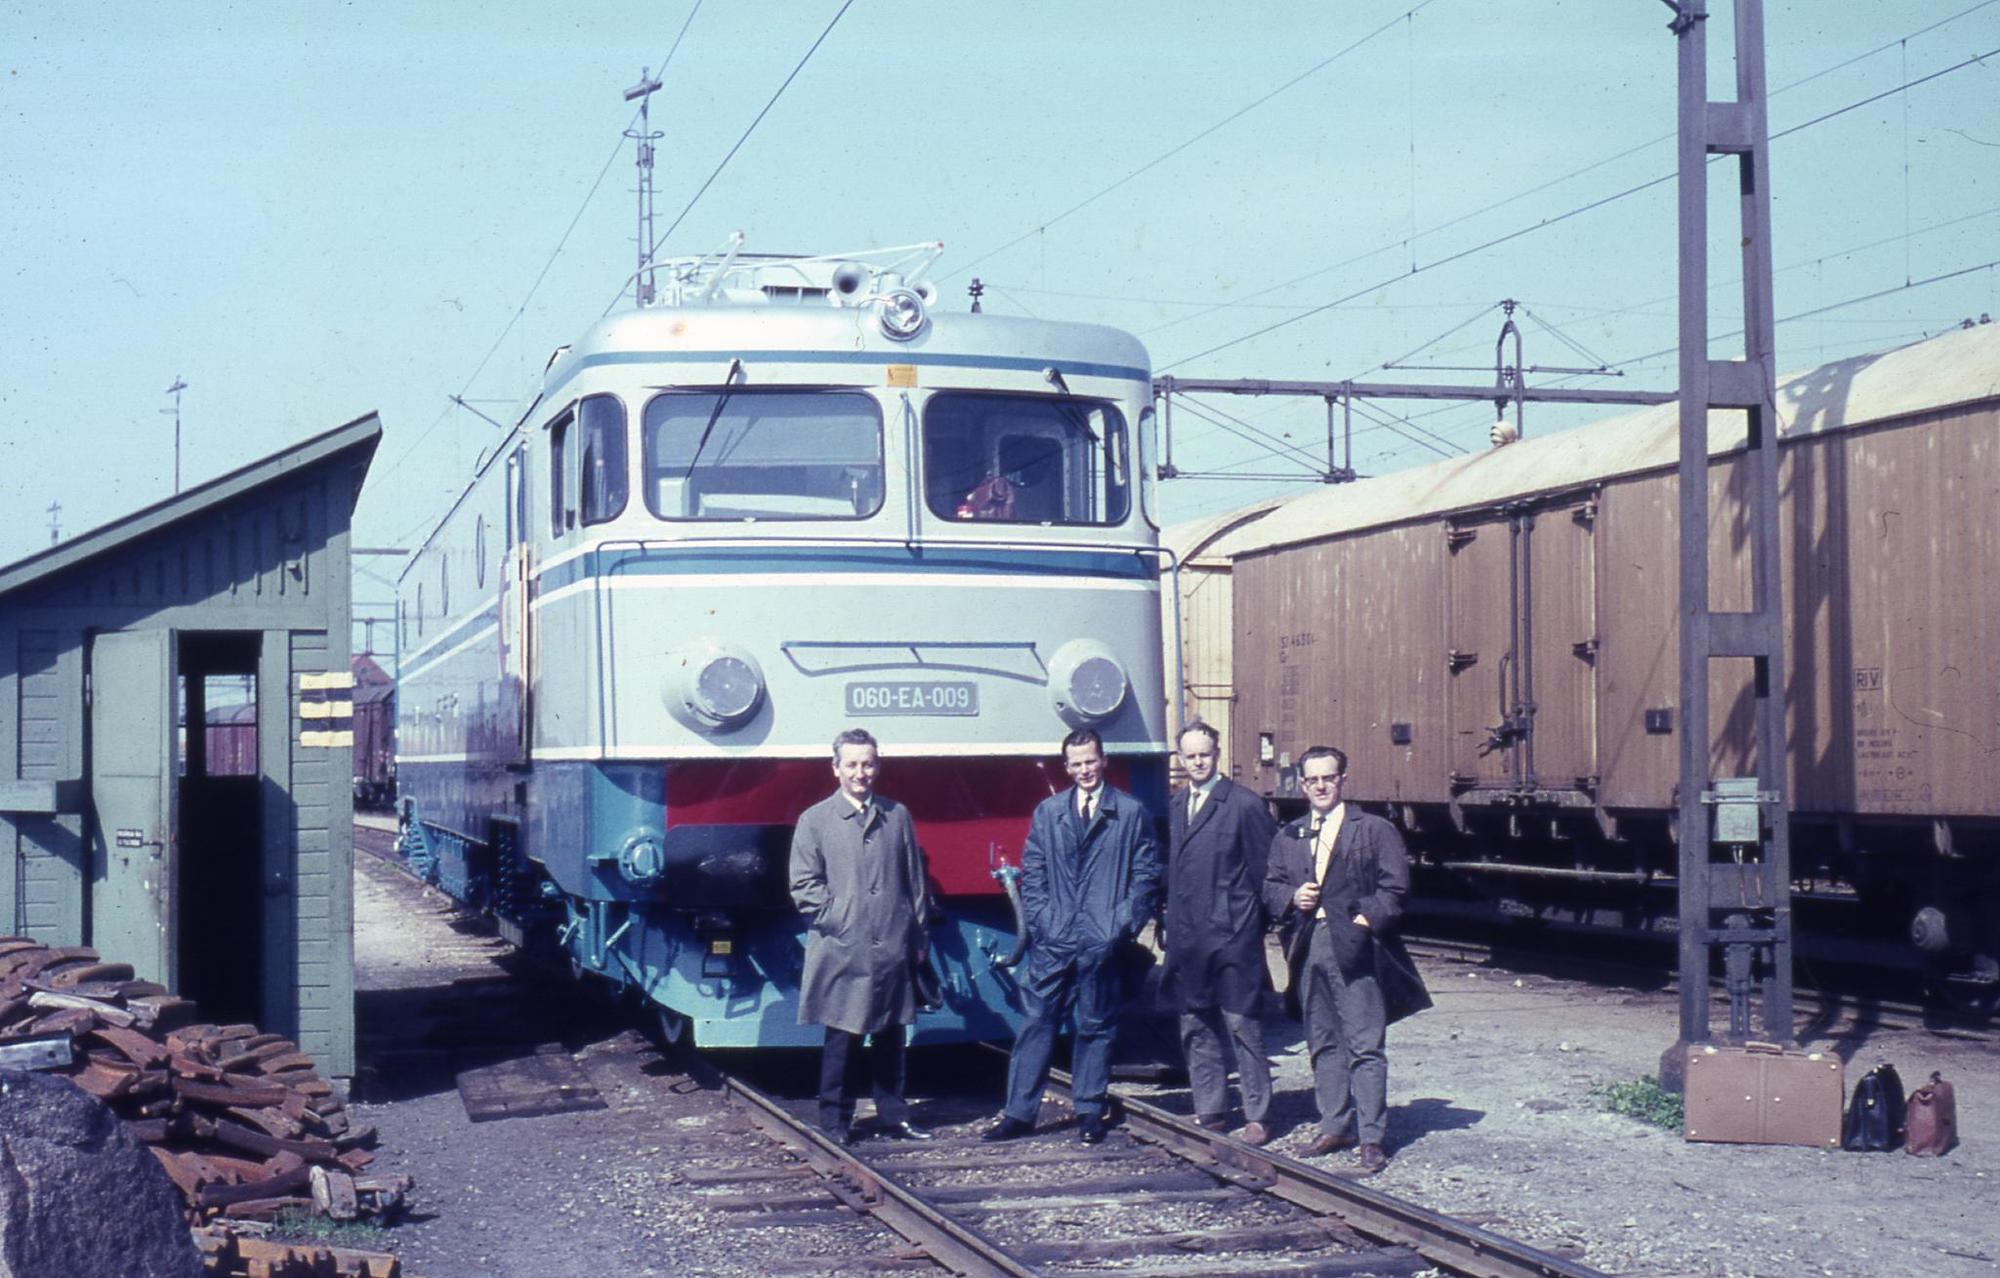 CFR 060-EA-009 electric locomotive